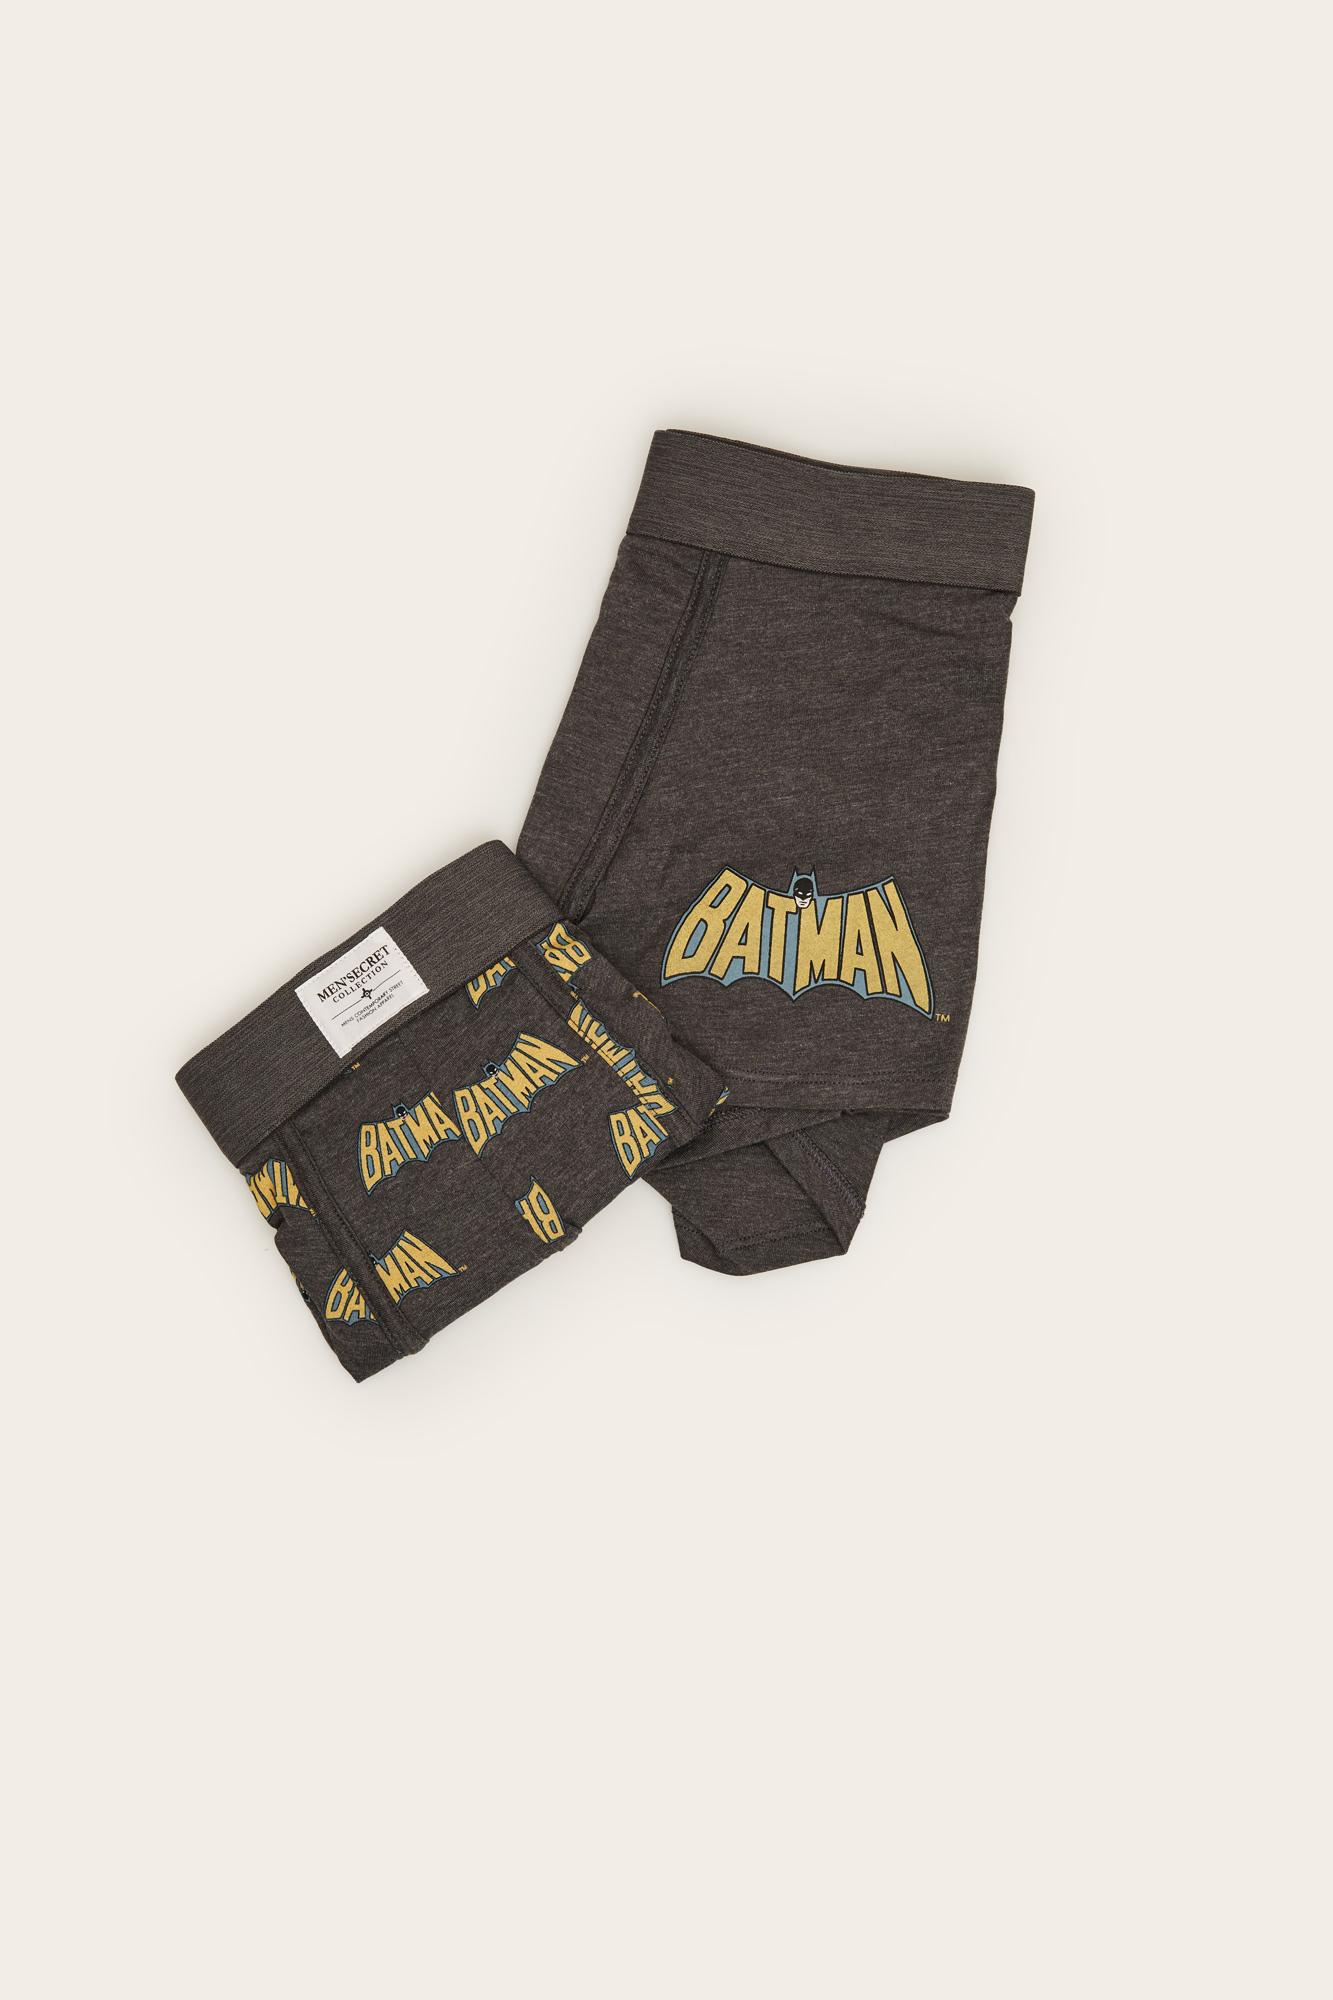 Pack 2 boxers Batman   Men'secret   Women'secret